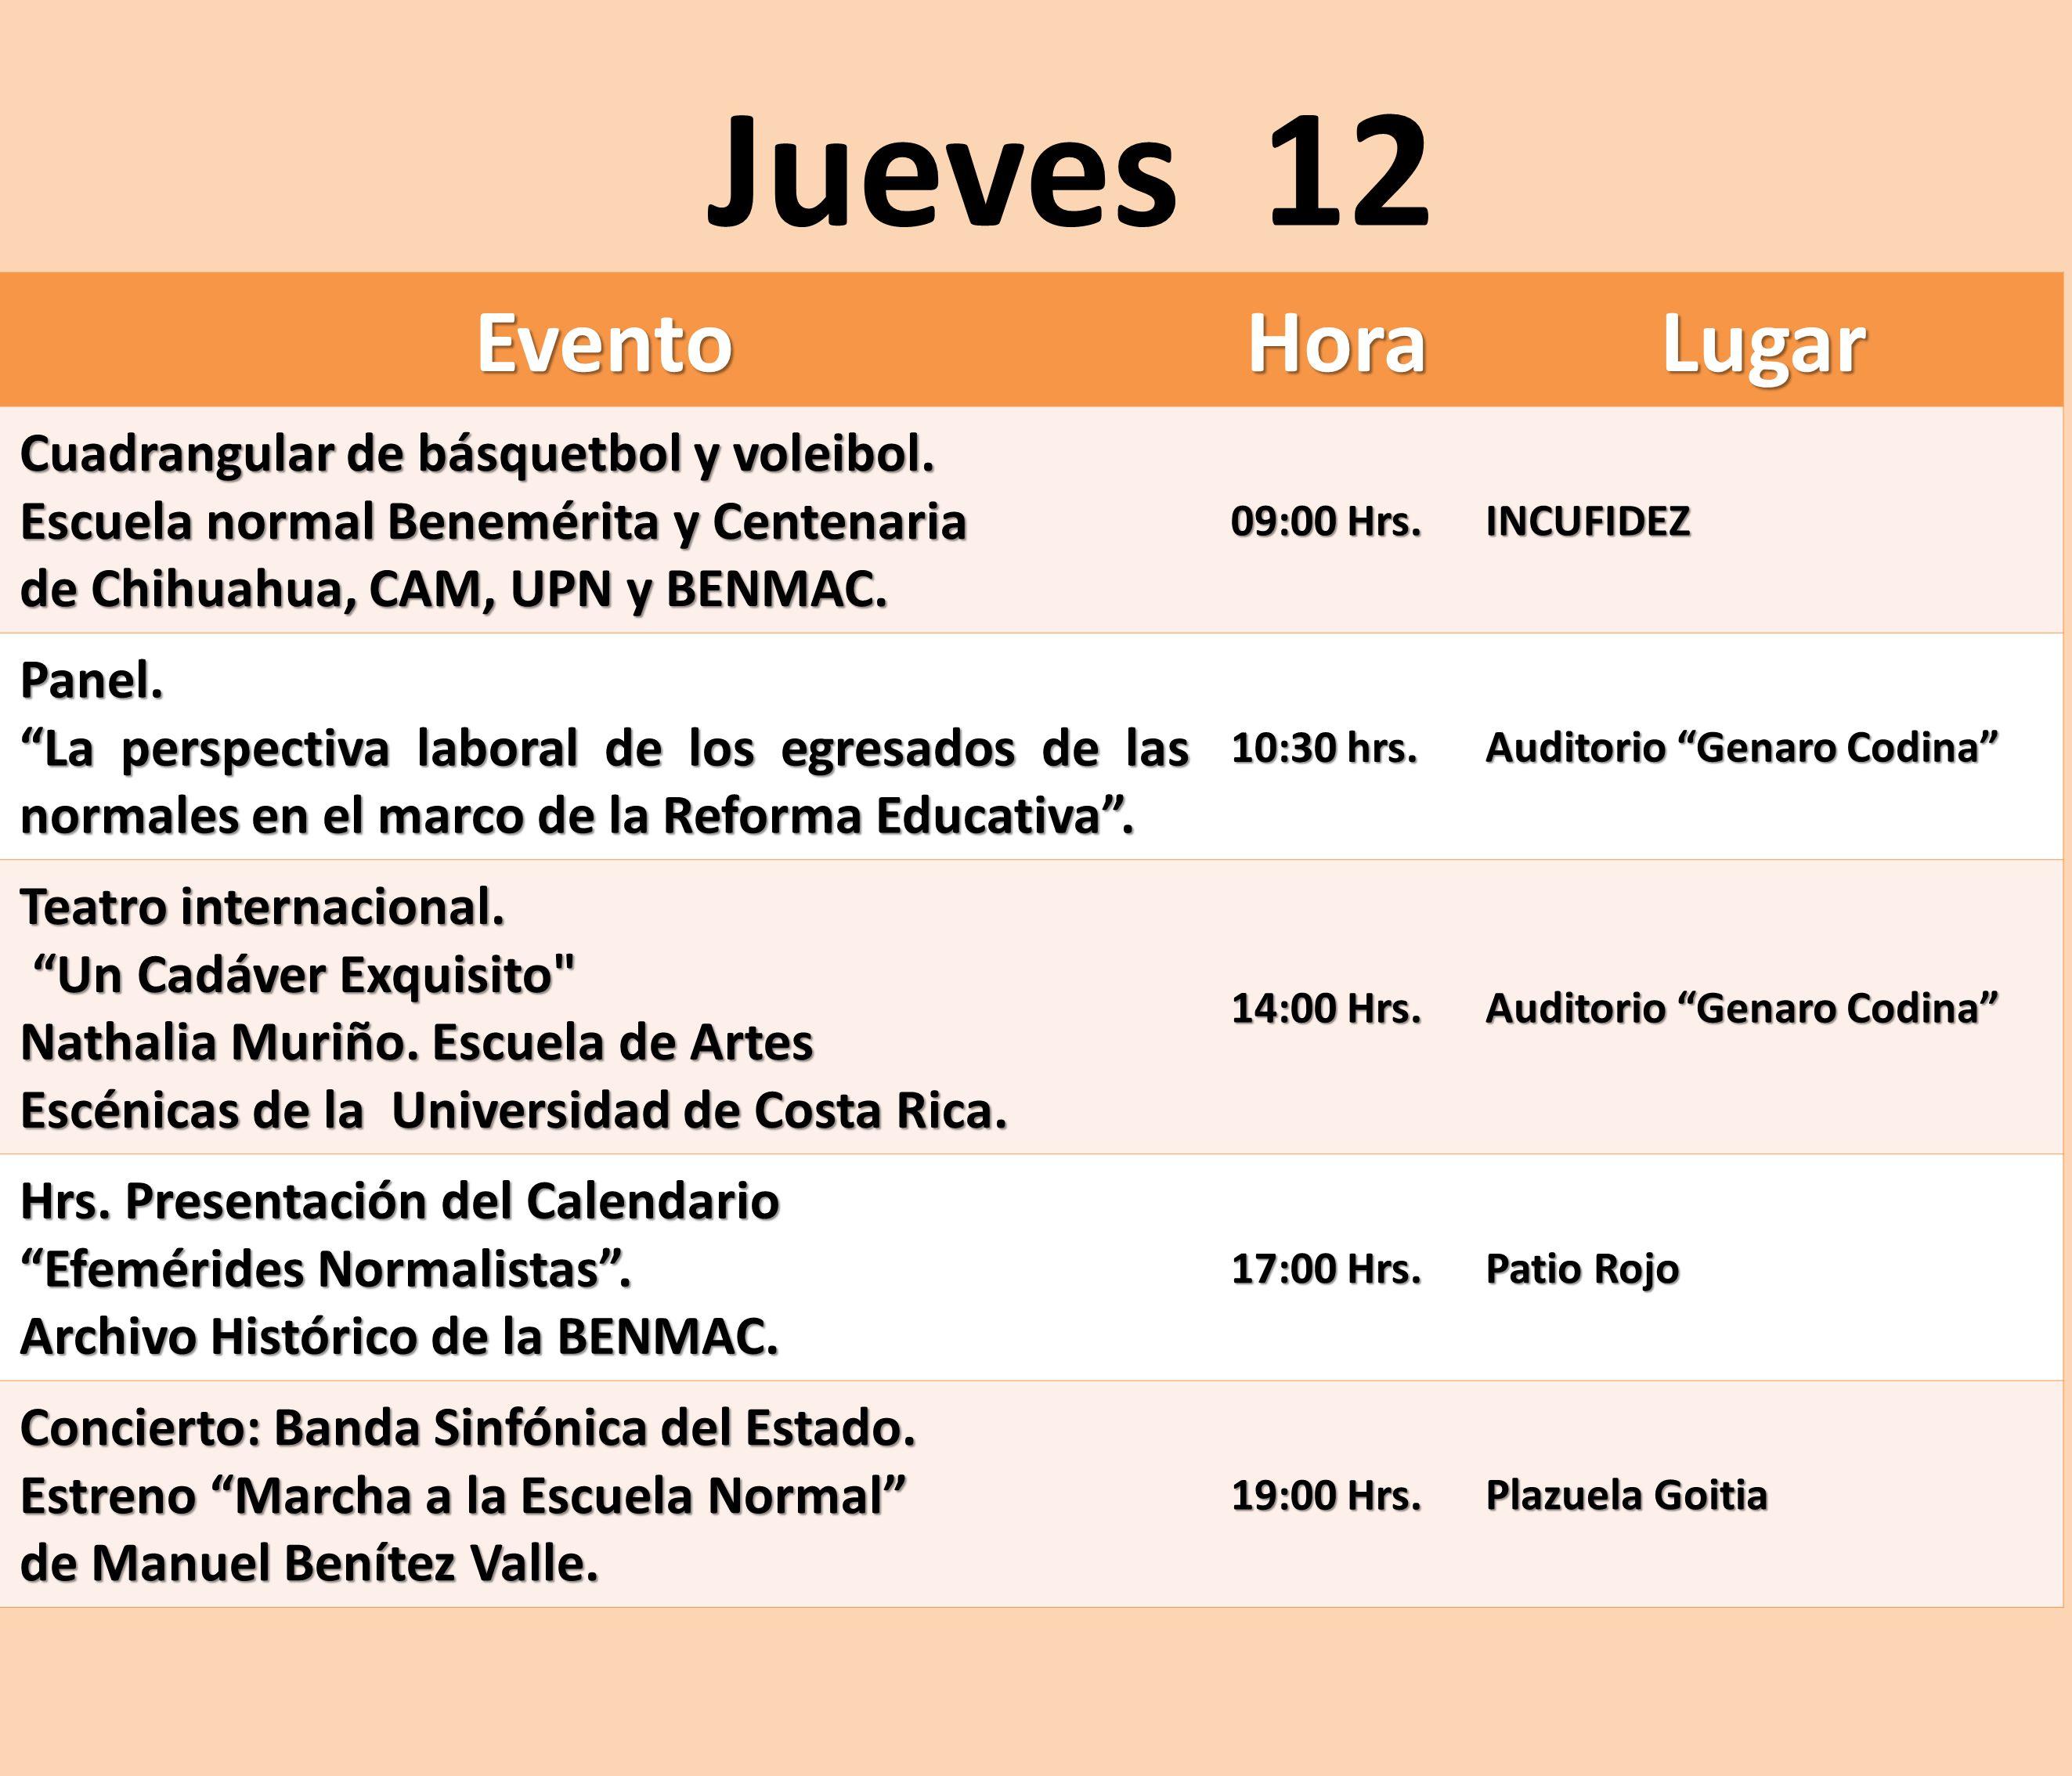 EventoHoraLugar Cuadrangular de básquetbol y voleibol. Escuela normal Benemérita y Centenaria de Chihuahua, CAM, UPN y BENMAC. 09:00 Hrs. INCUFIDEZ Pa